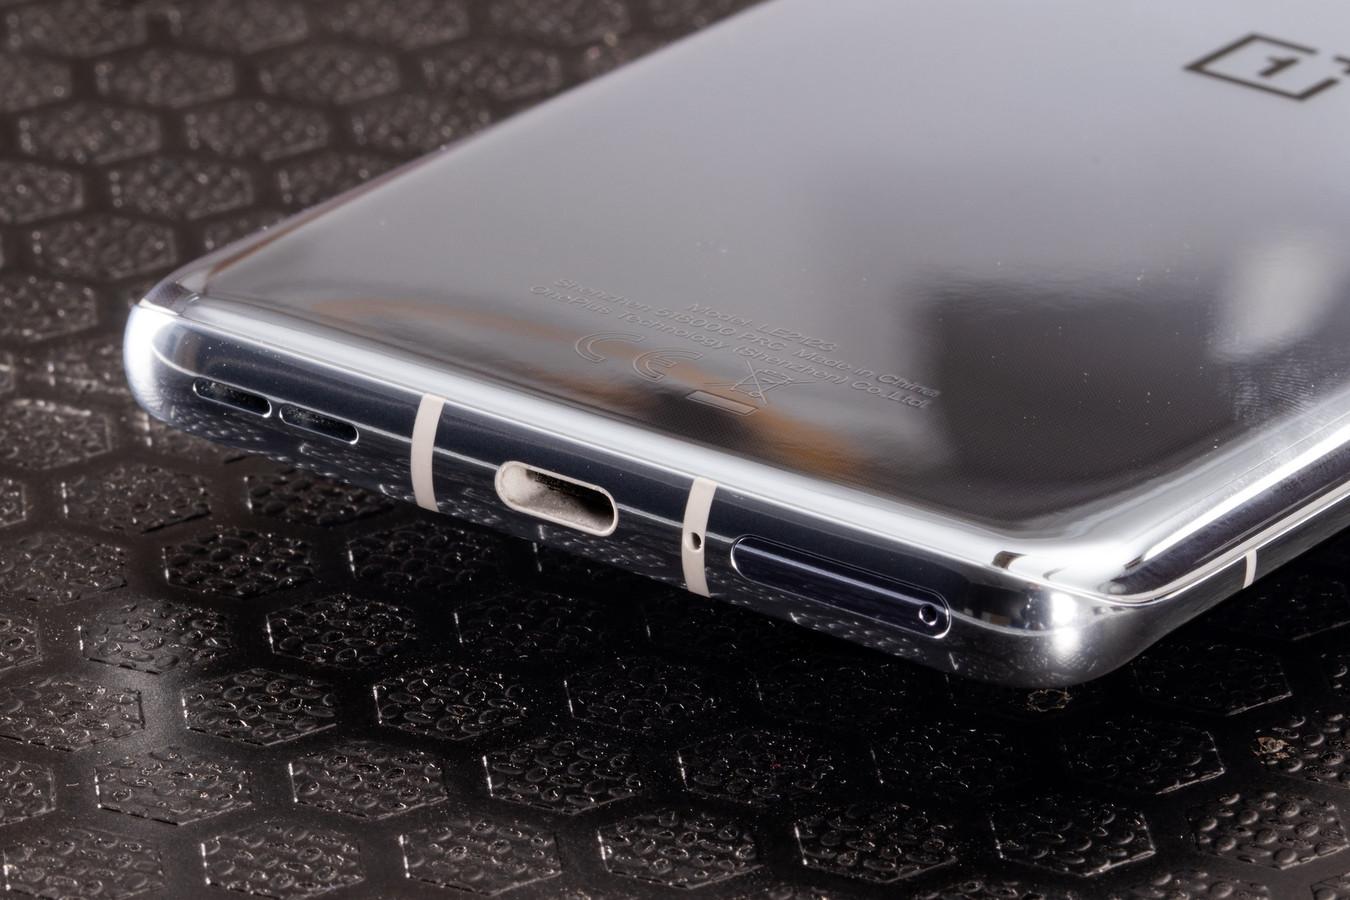 De oplaadpoort van een telefoon is een echte stofmagneet.